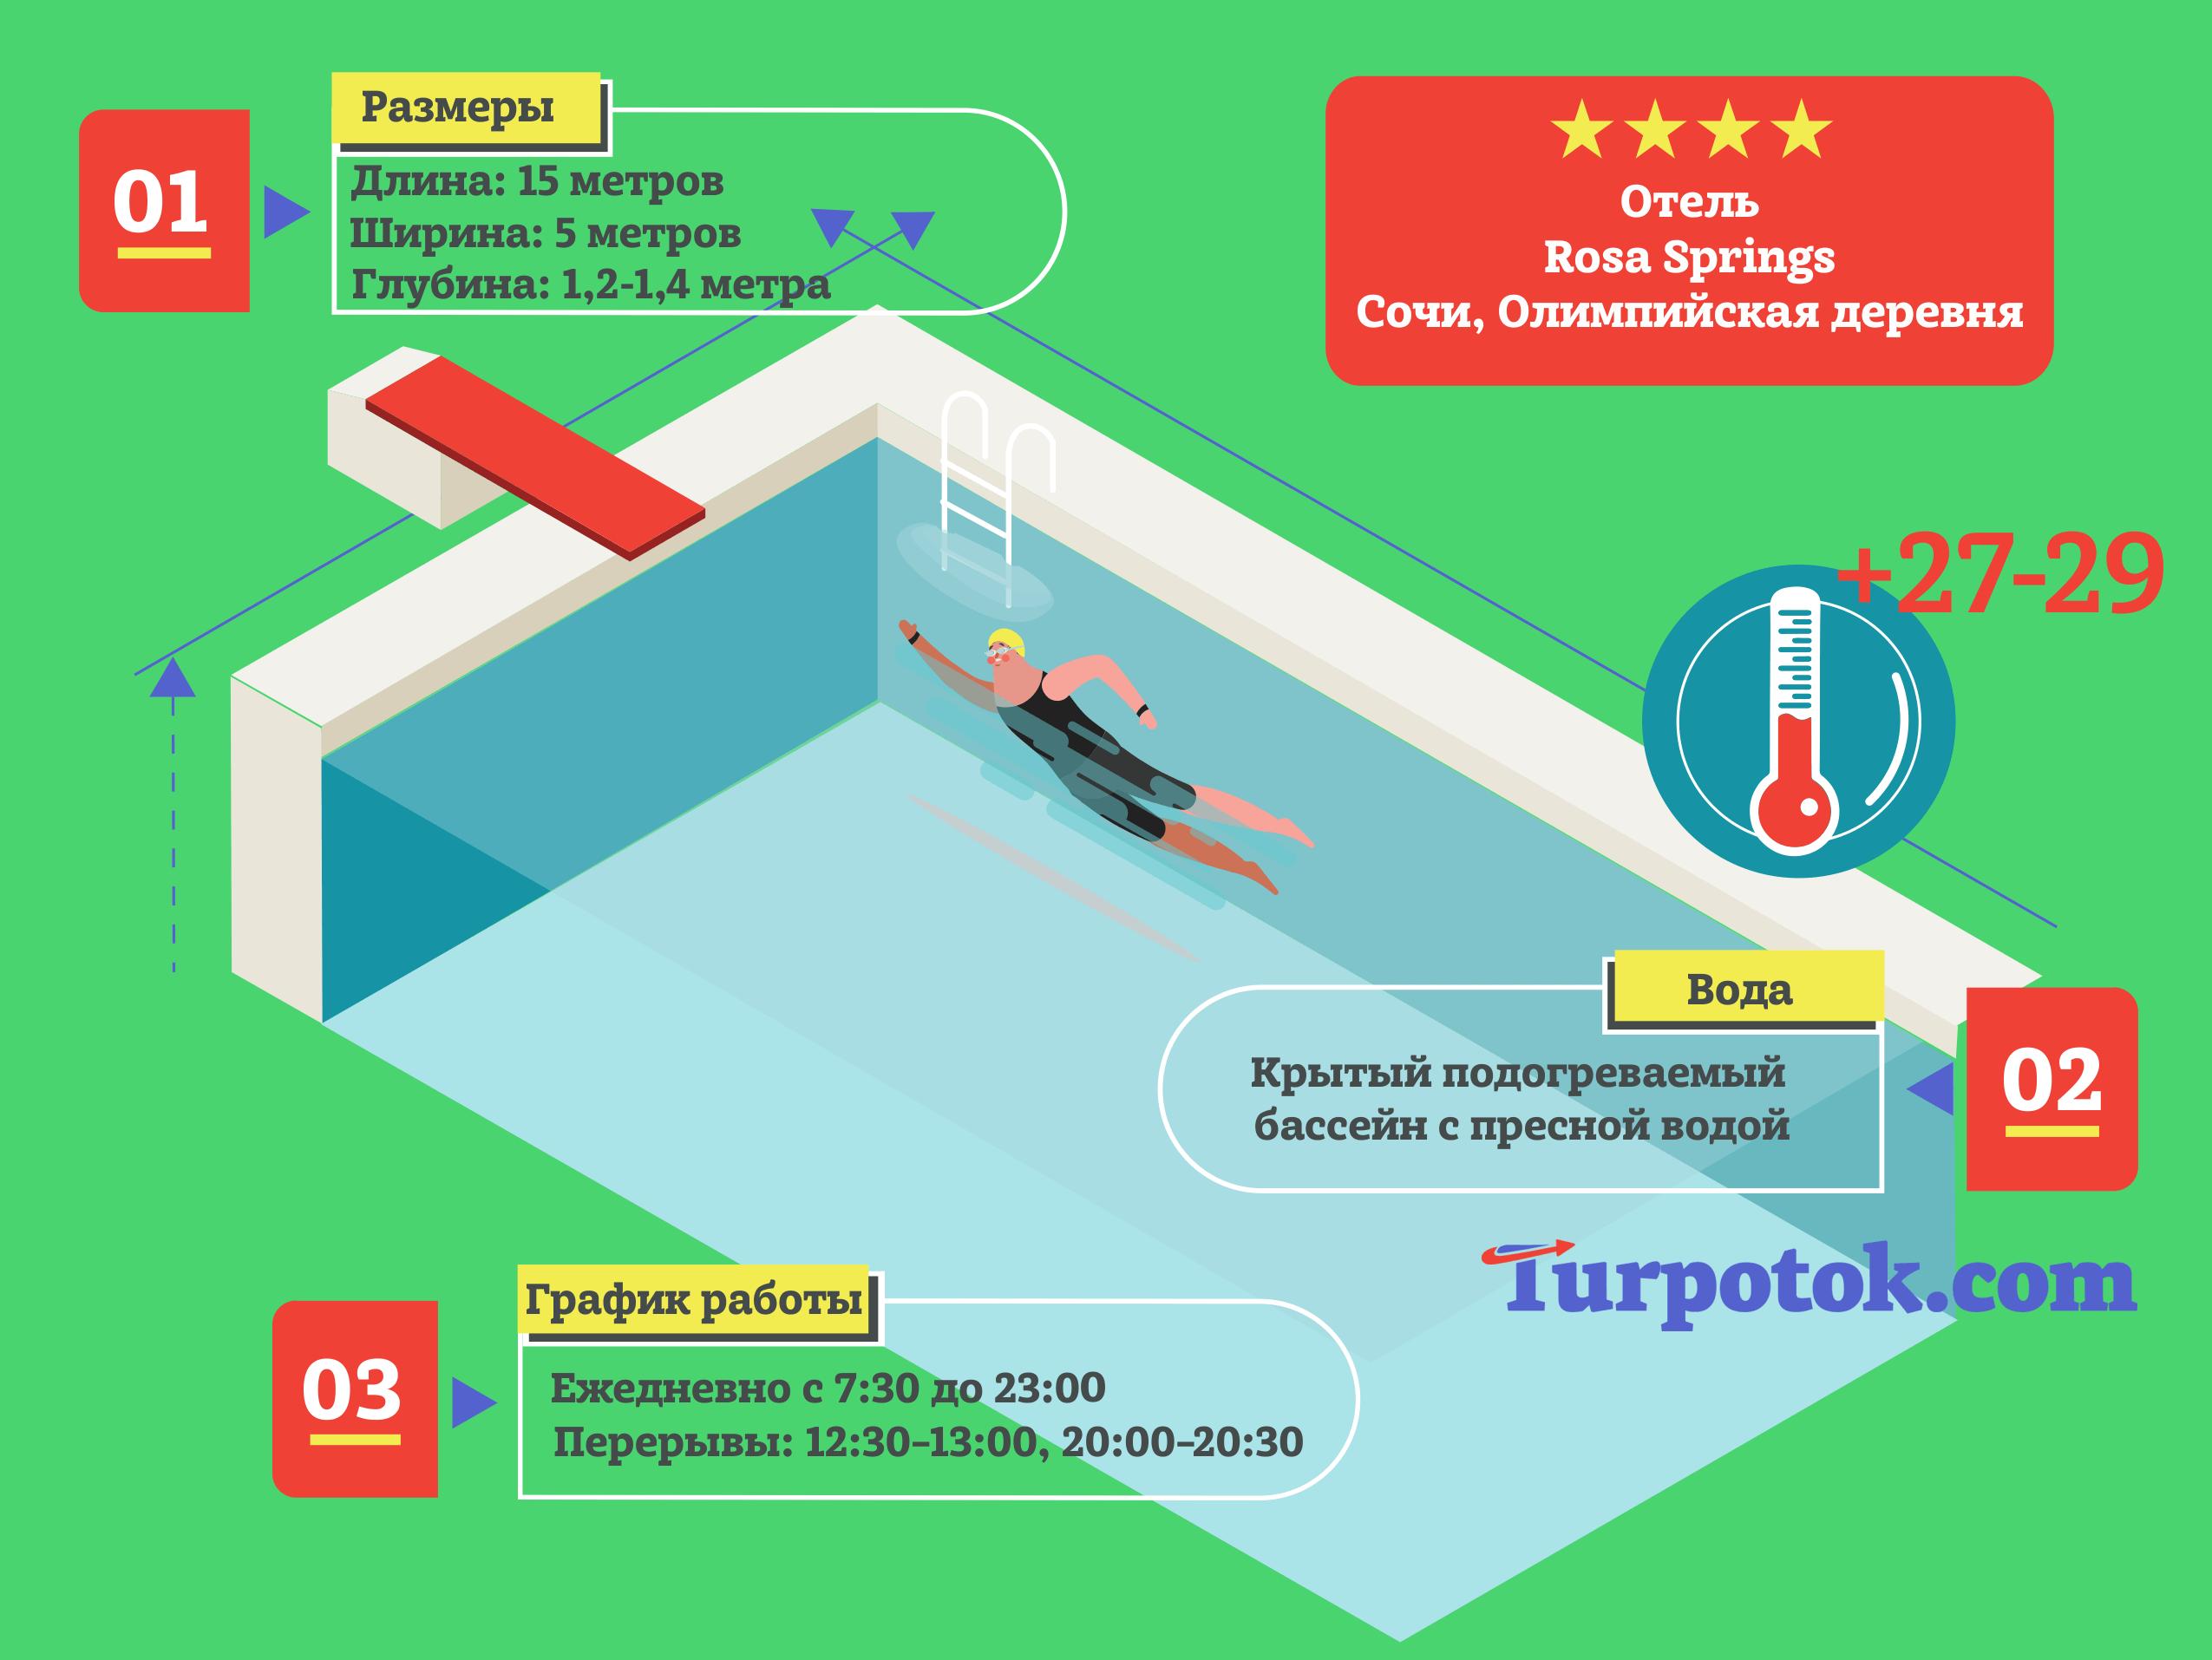 Инфографика про Rosa Springs